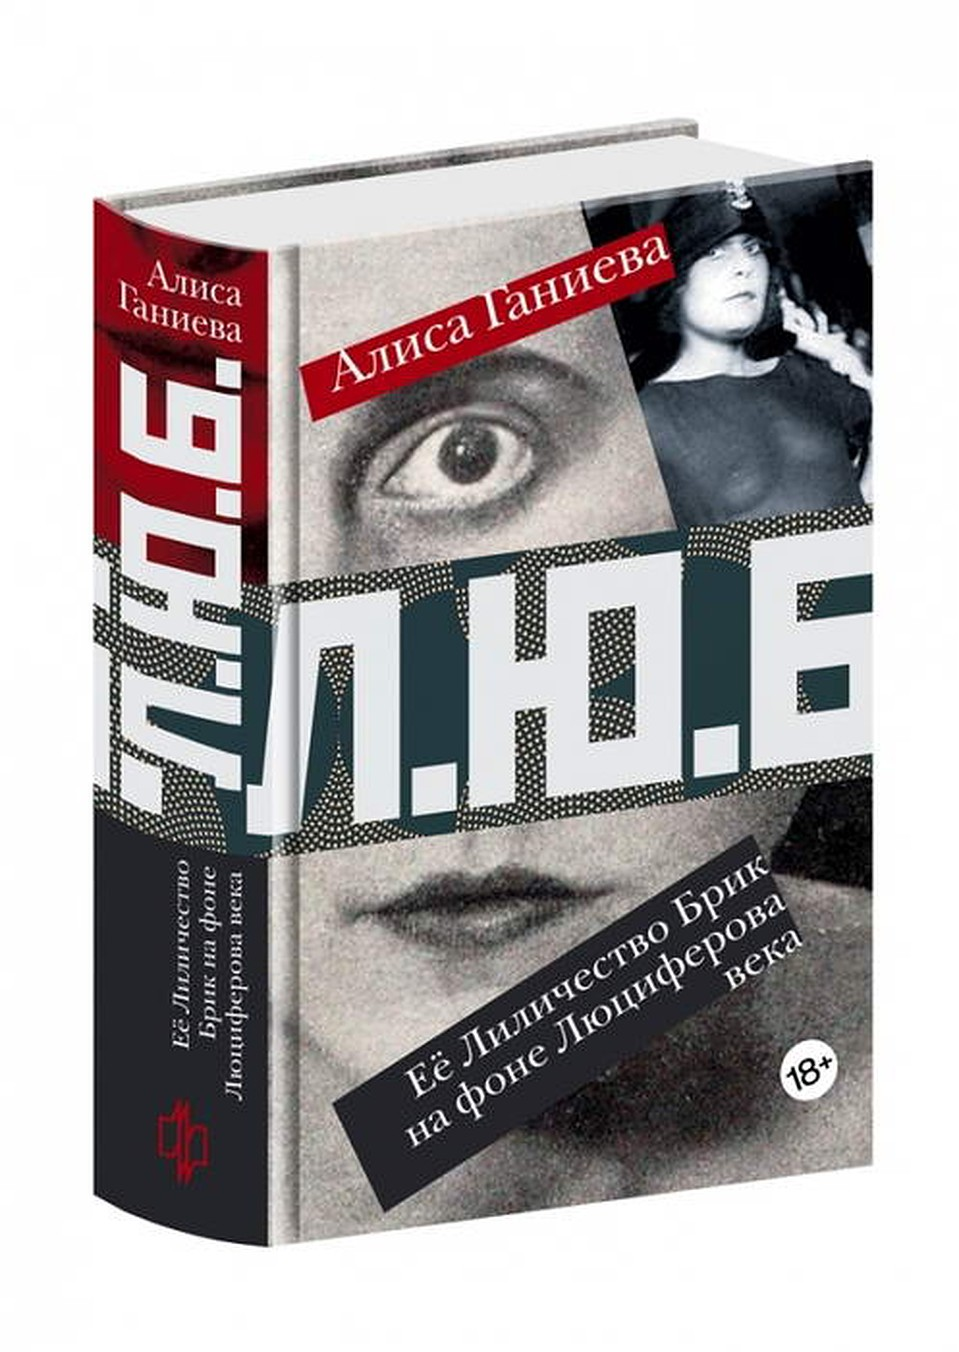 Книга Алисы Ганиевой «Л.Ю.Б. Ее Лиличество Брик на фоне Люциферова века»